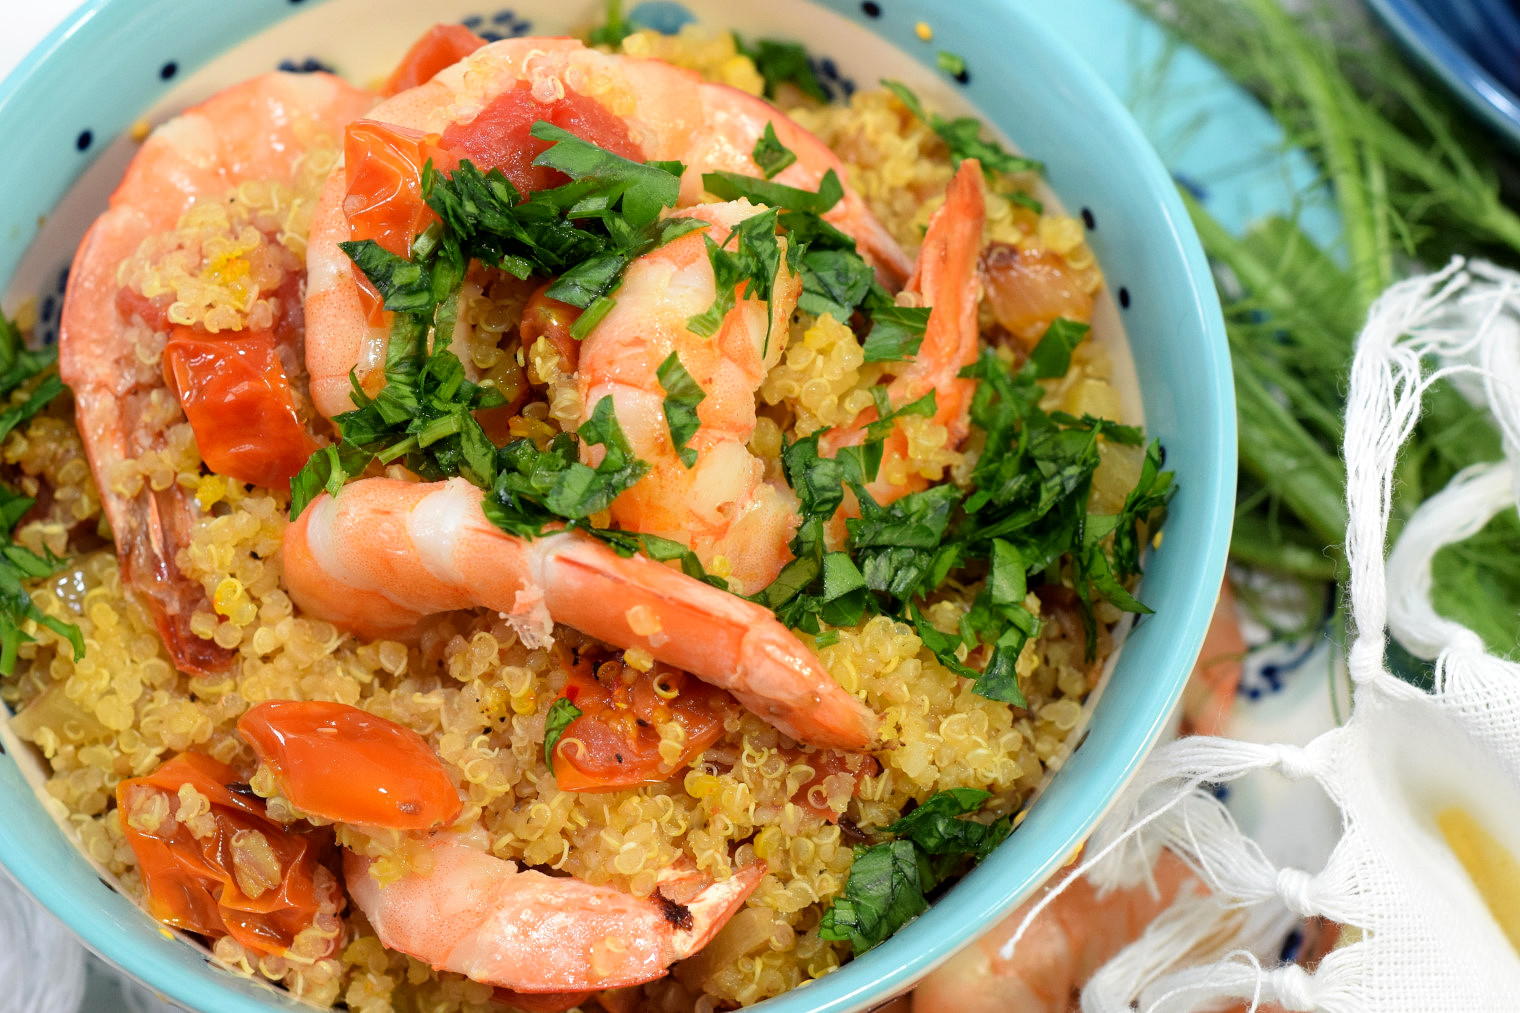 mediterranean quinoa pilaf with prawns recipe05